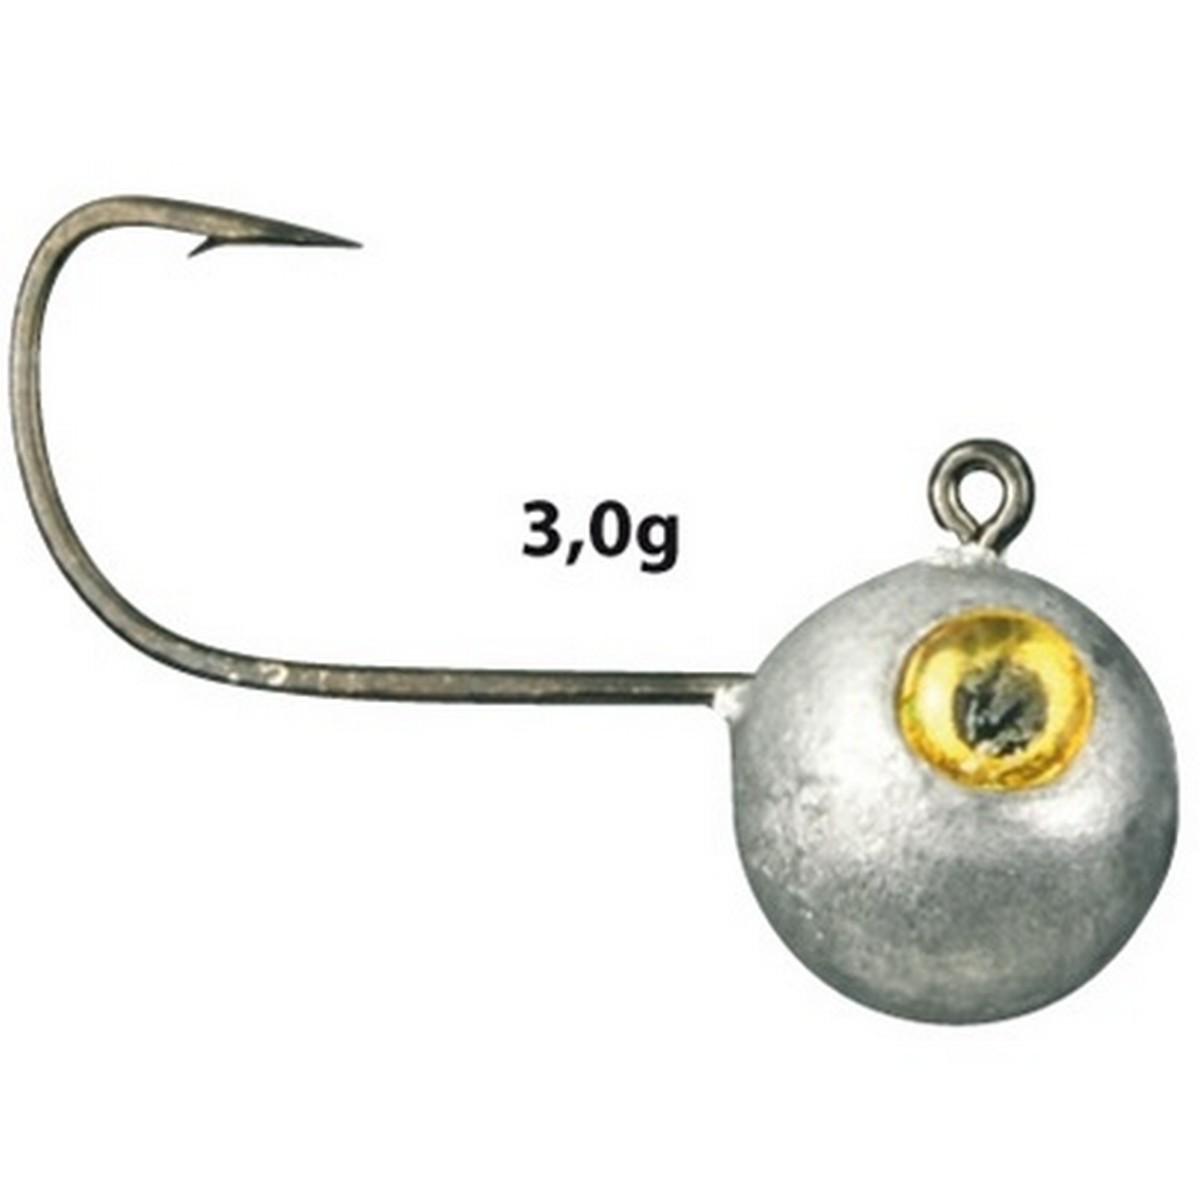 Глави за туистери SPRO Micro Jig Head